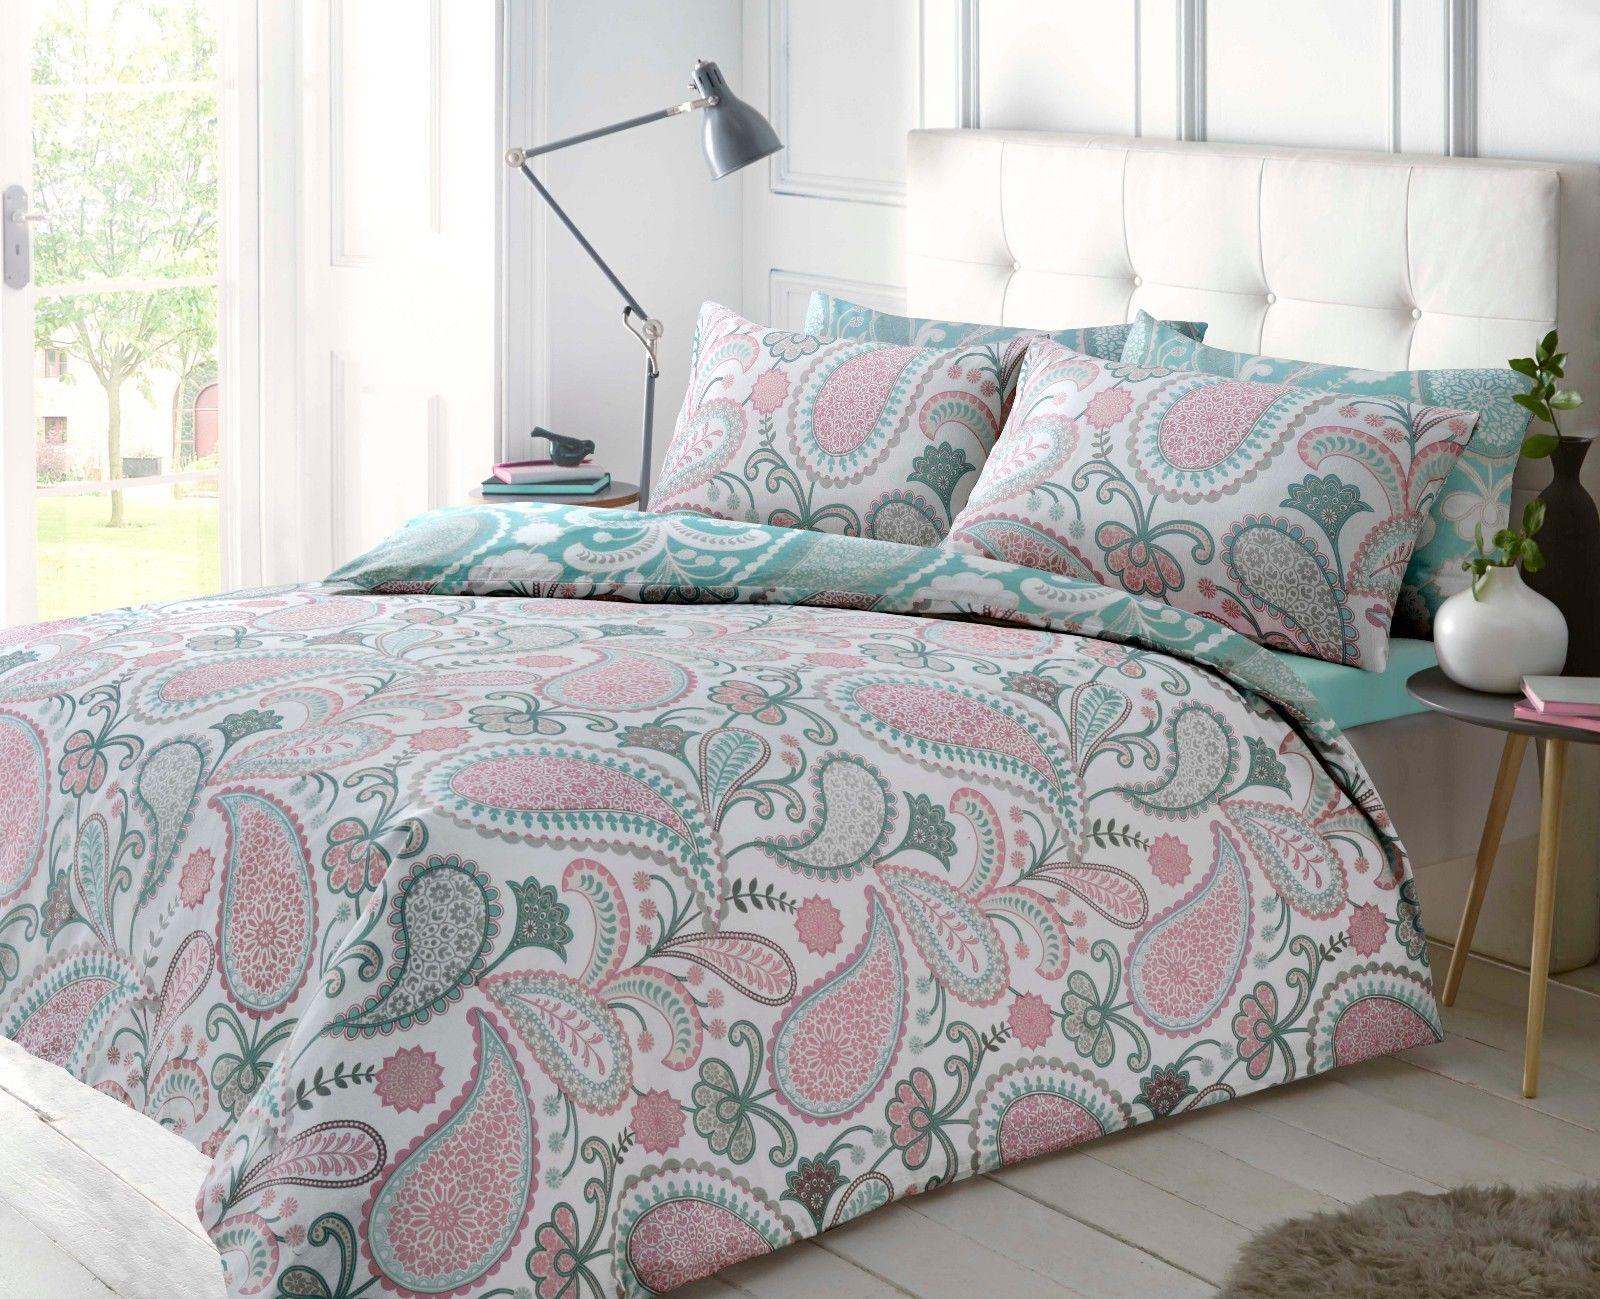 Paisley  Duvet Cover Set  Wholesale Bedding Store  De